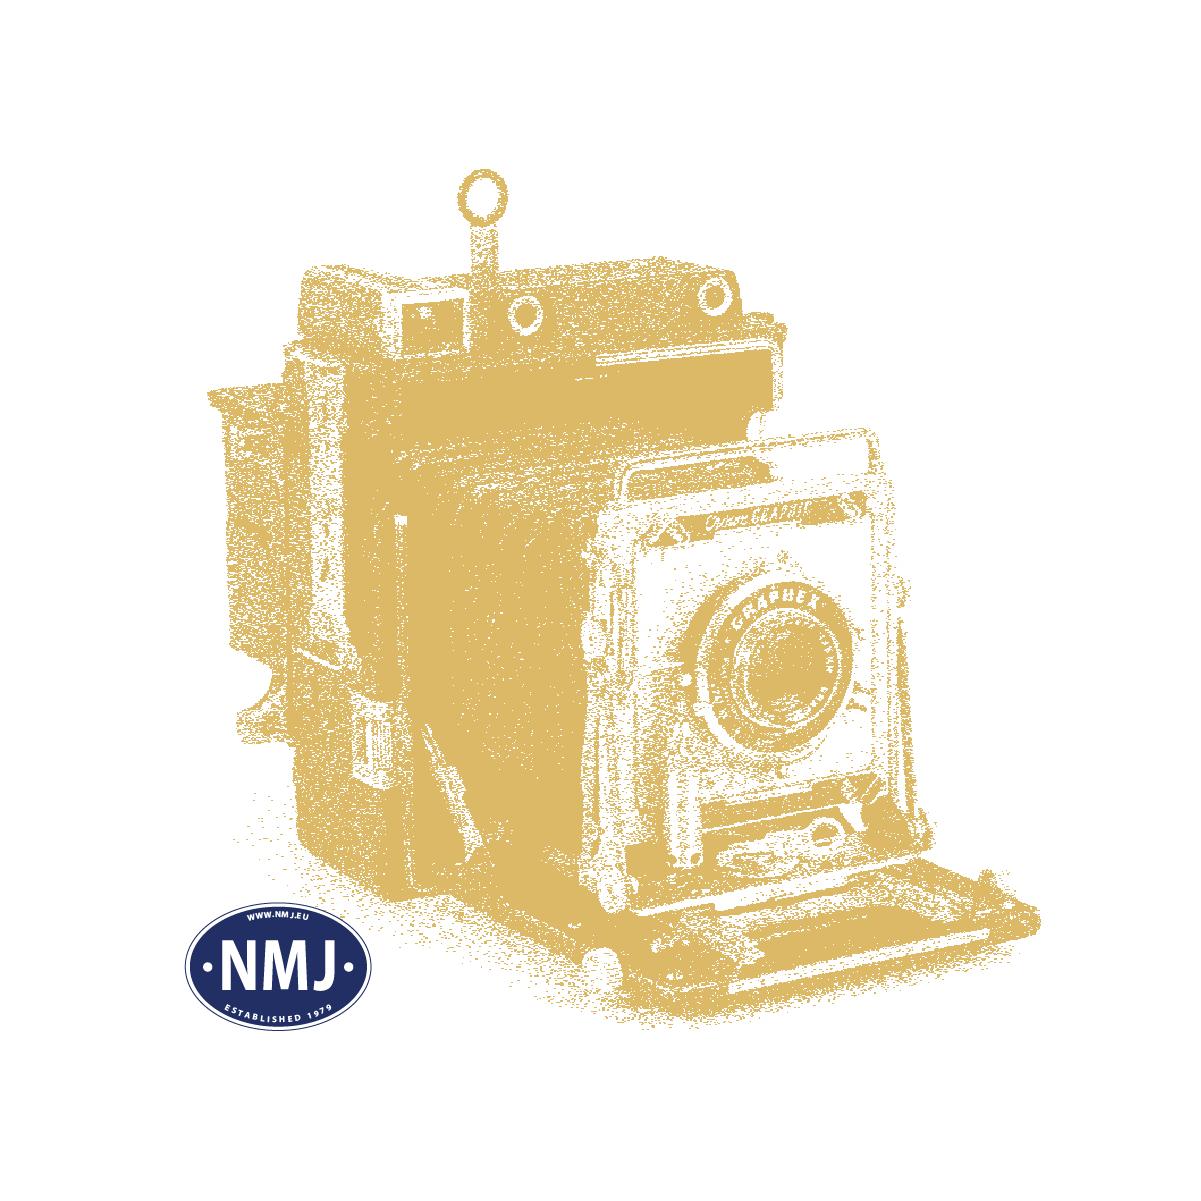 NMJ0TL4-1 - NMJ Superline Modell des Rungenwagens Tl4 60289 der NSB, m/Seiten- und Stirnwänden Spur 0